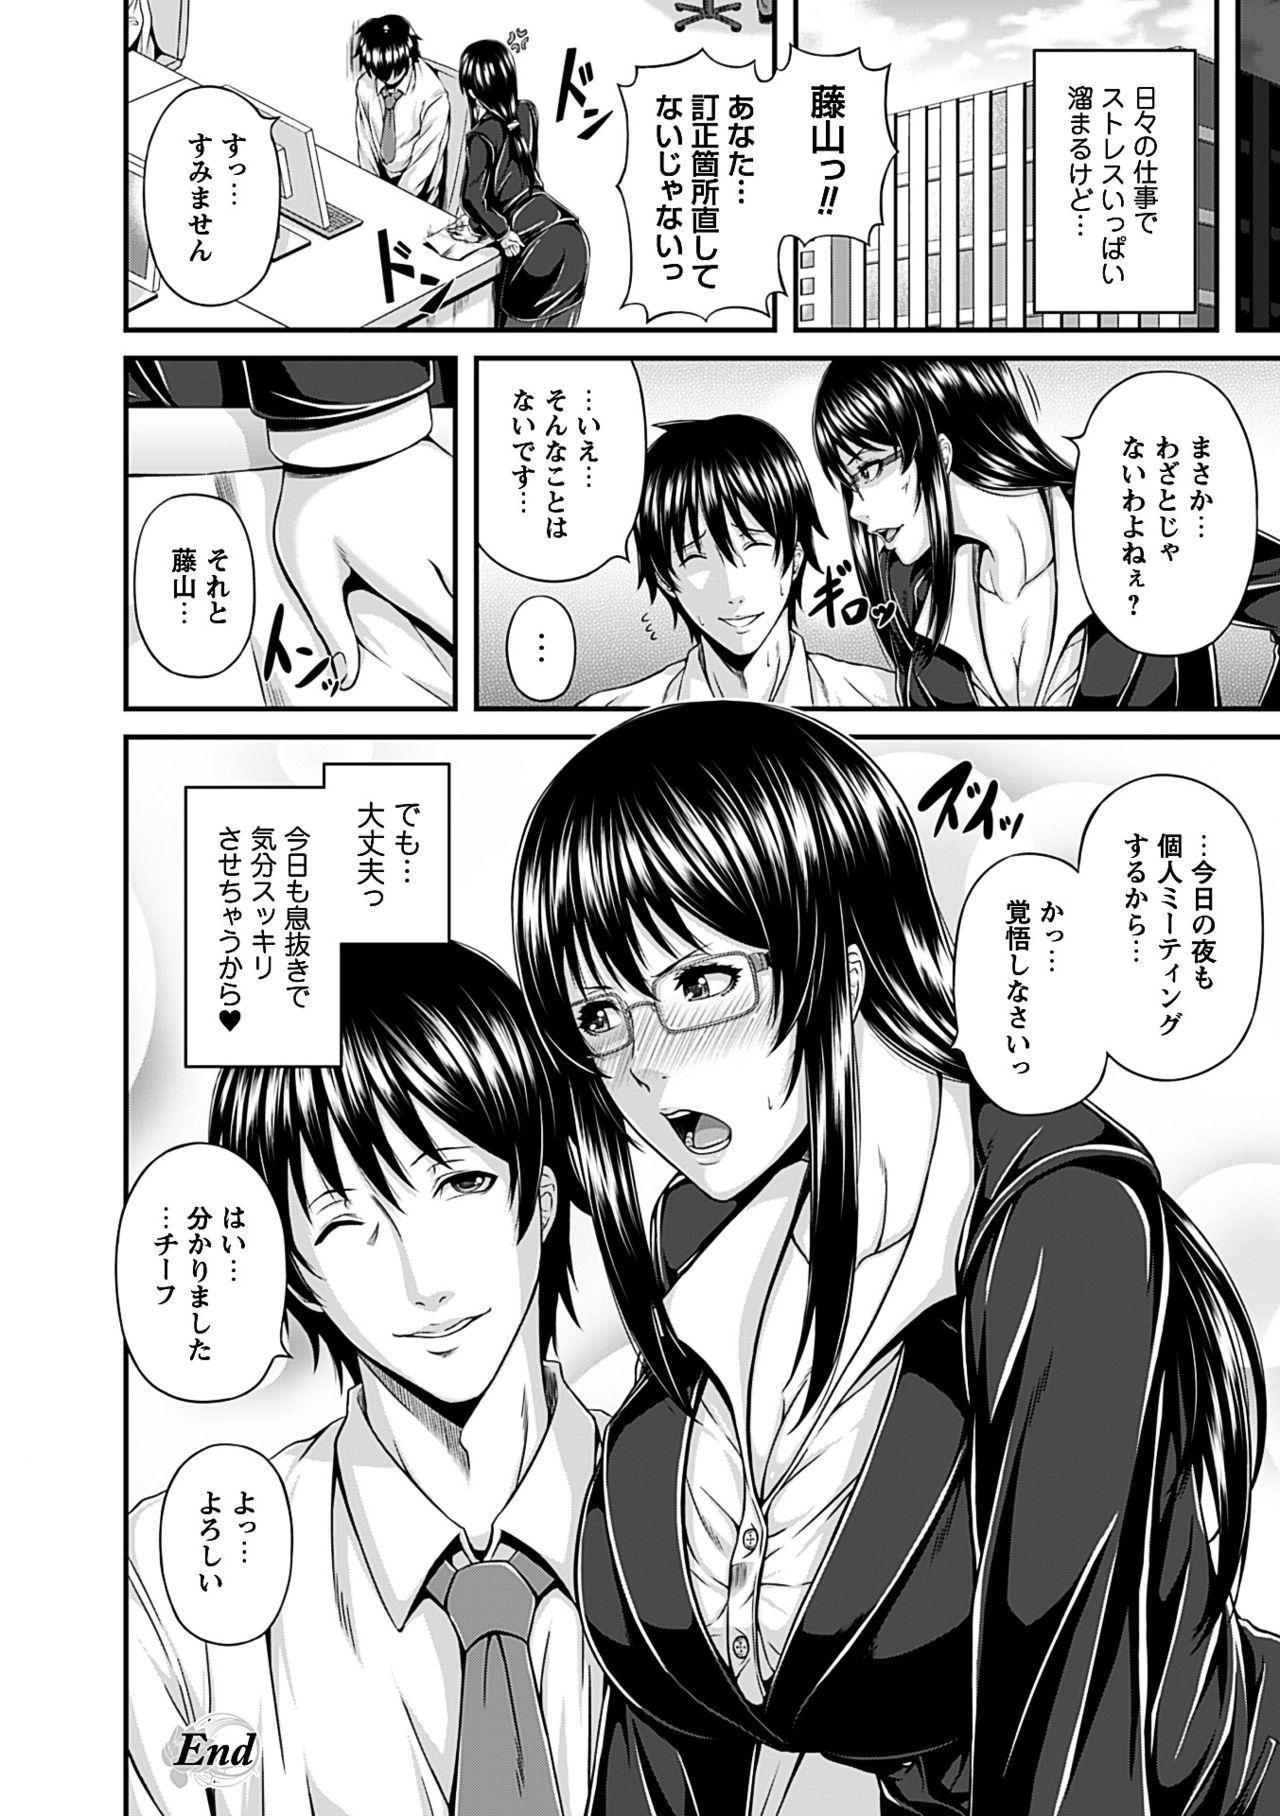 Mesu Hana ga Ochiru Toki - Maidenly Bloom Fallen 139